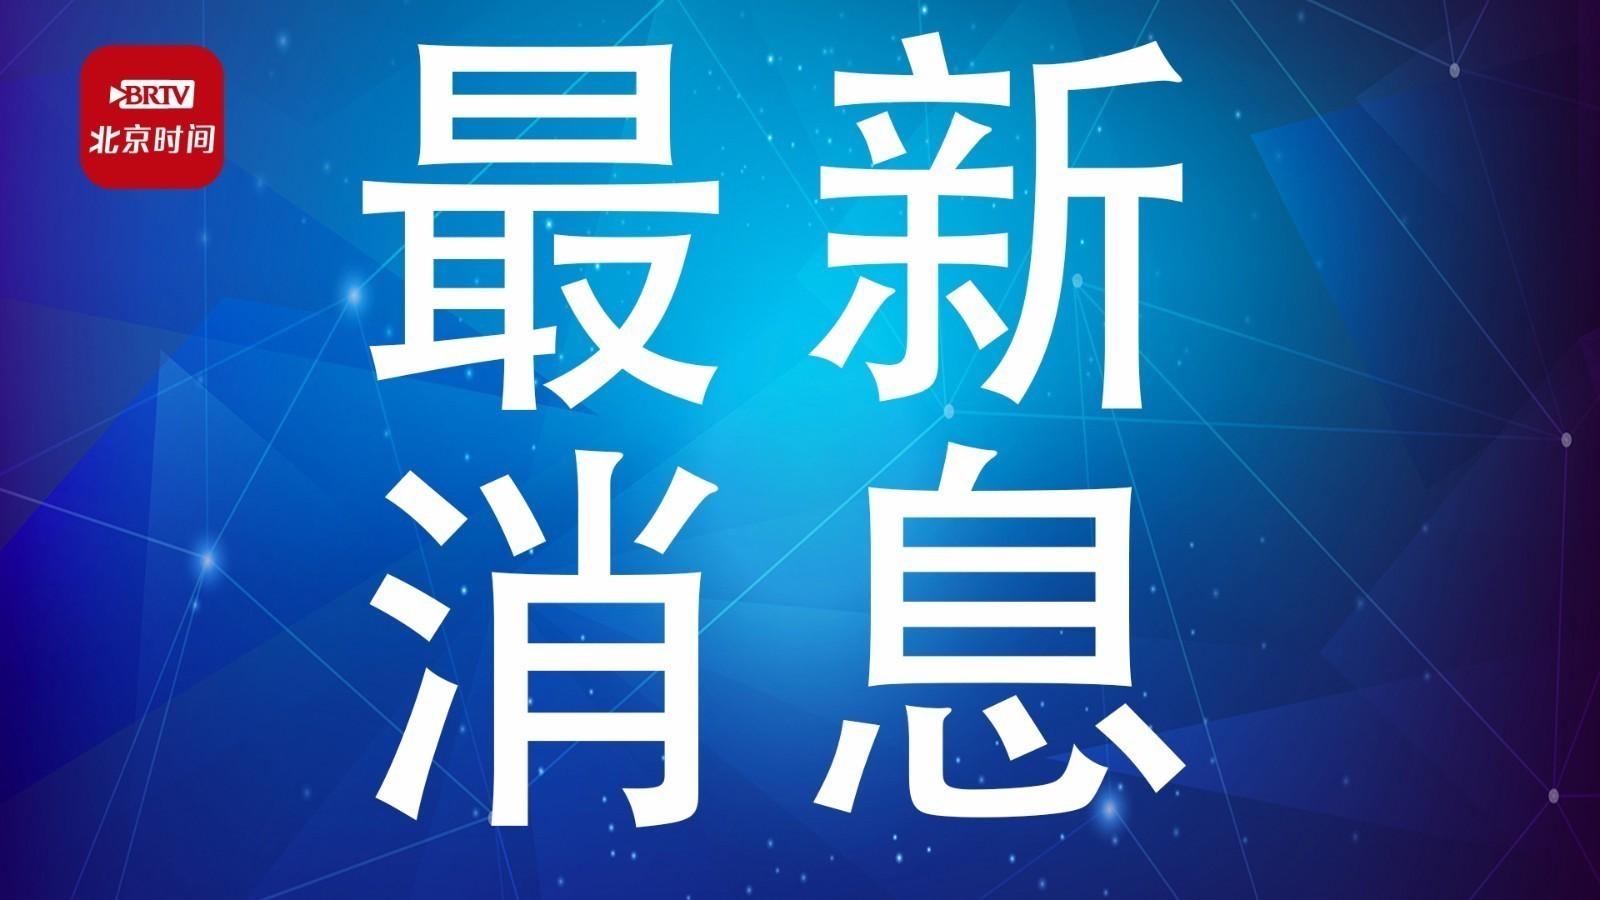 中国男篮亚洲杯预选赛赛程出炉 中国队6月16日首战日本队